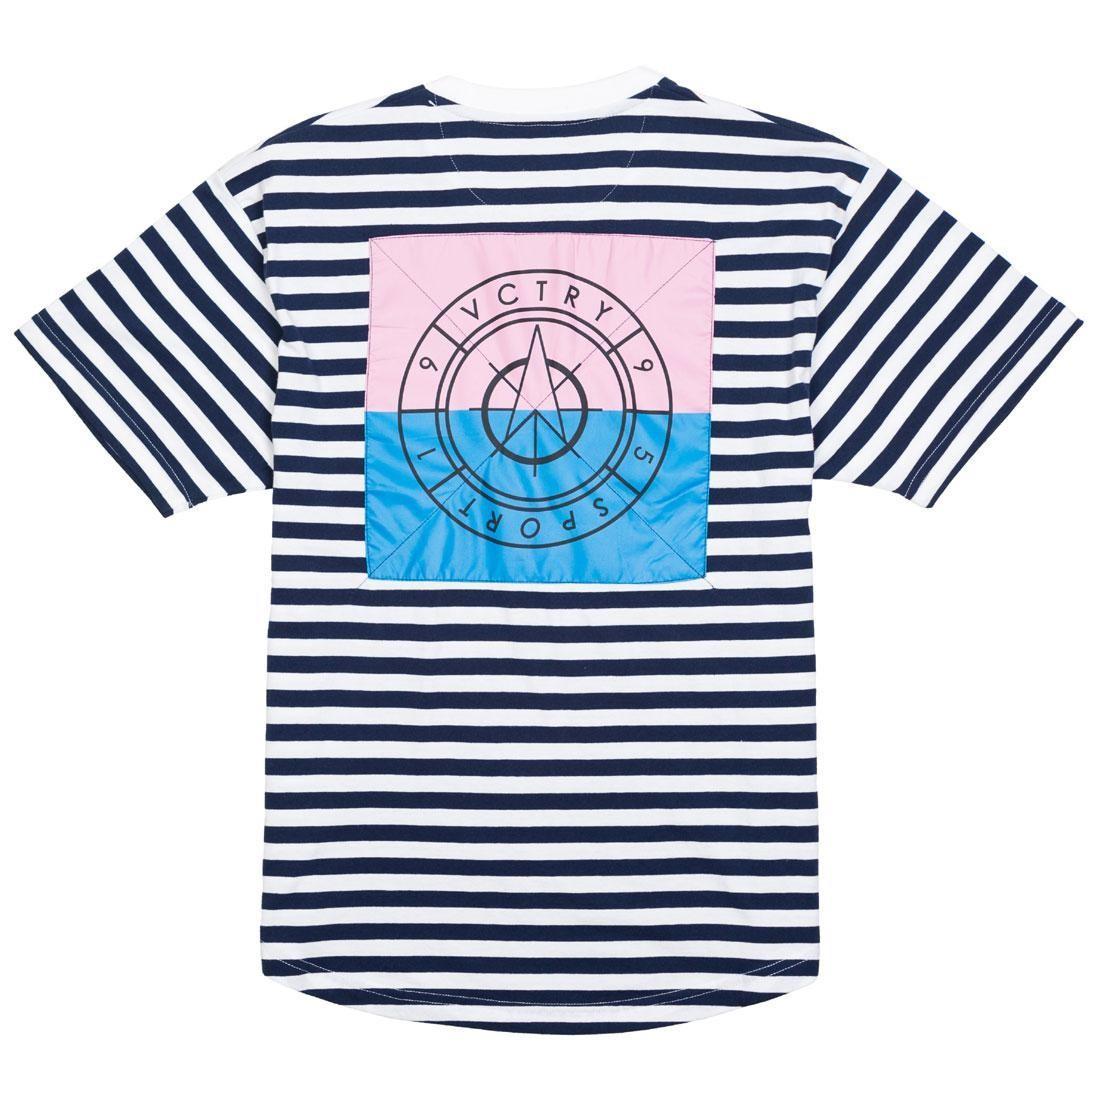 ディープ 【 10 DEEP MEN NAVIGATOR SCOOP SHIRT NAVY 】 メンズファッション トップス カジュアルシャツ 送料無料